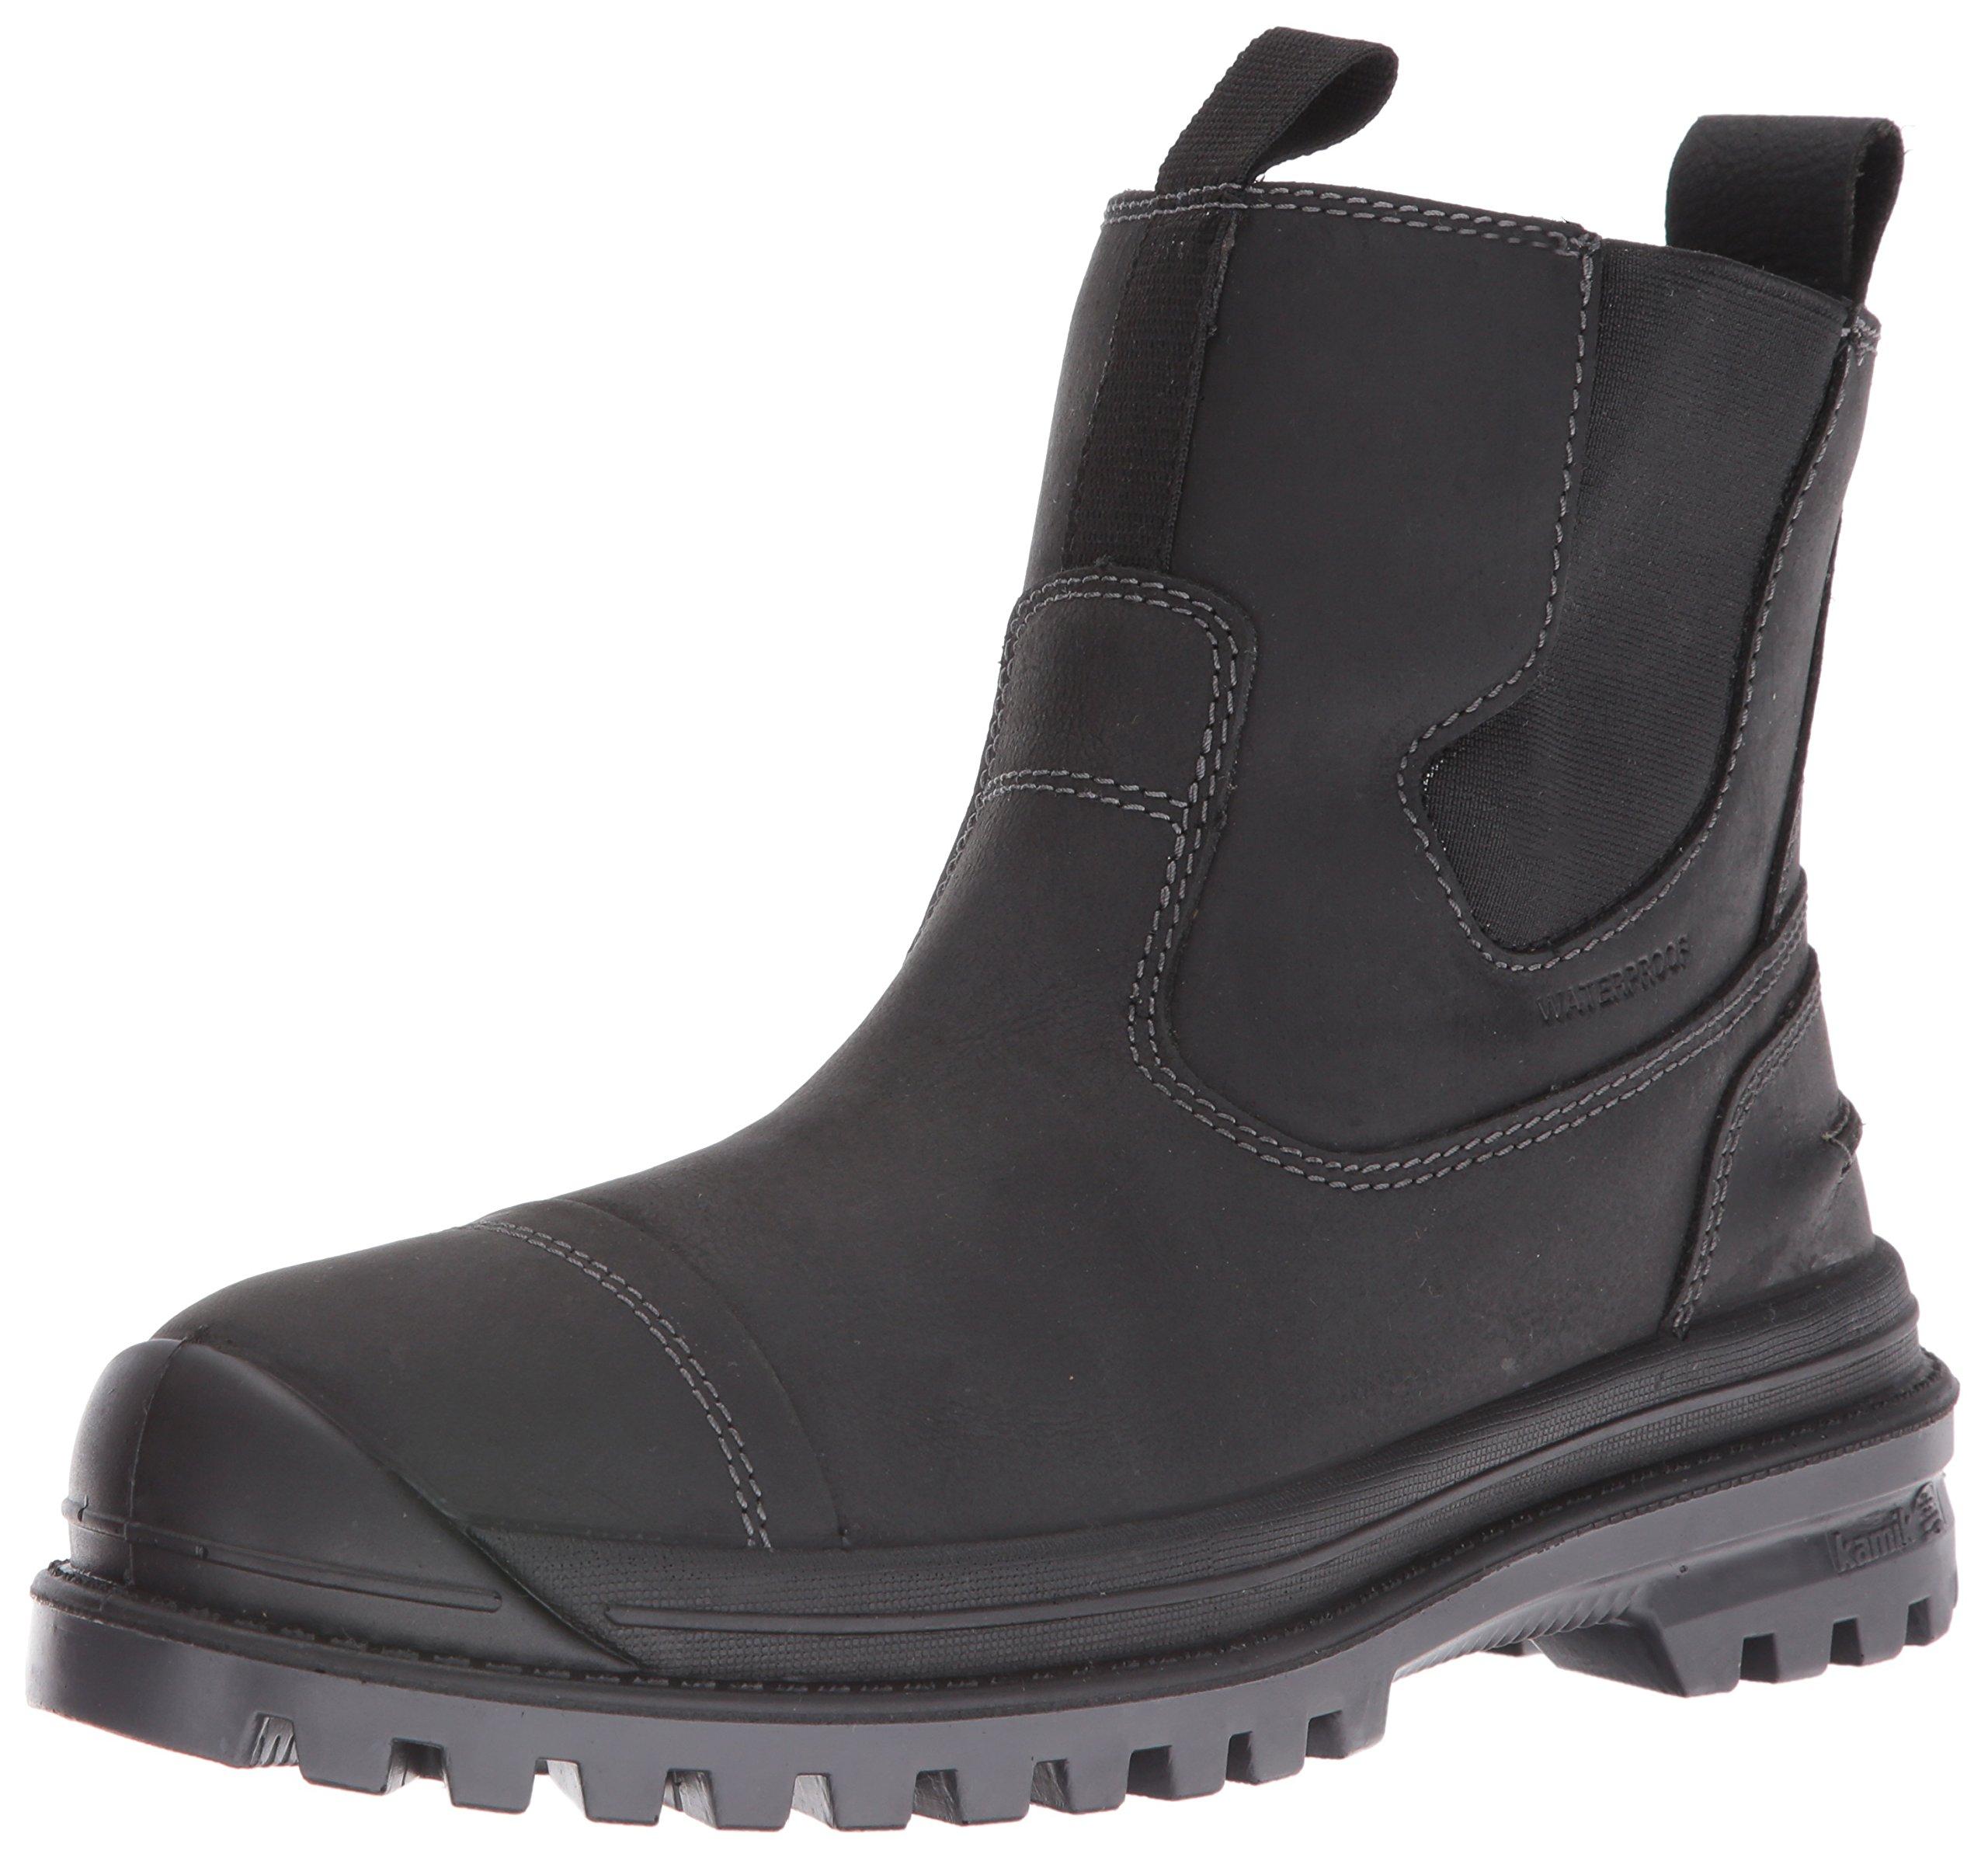 Kamik Men's Griffonc Snow Boot, Black, 11 M US